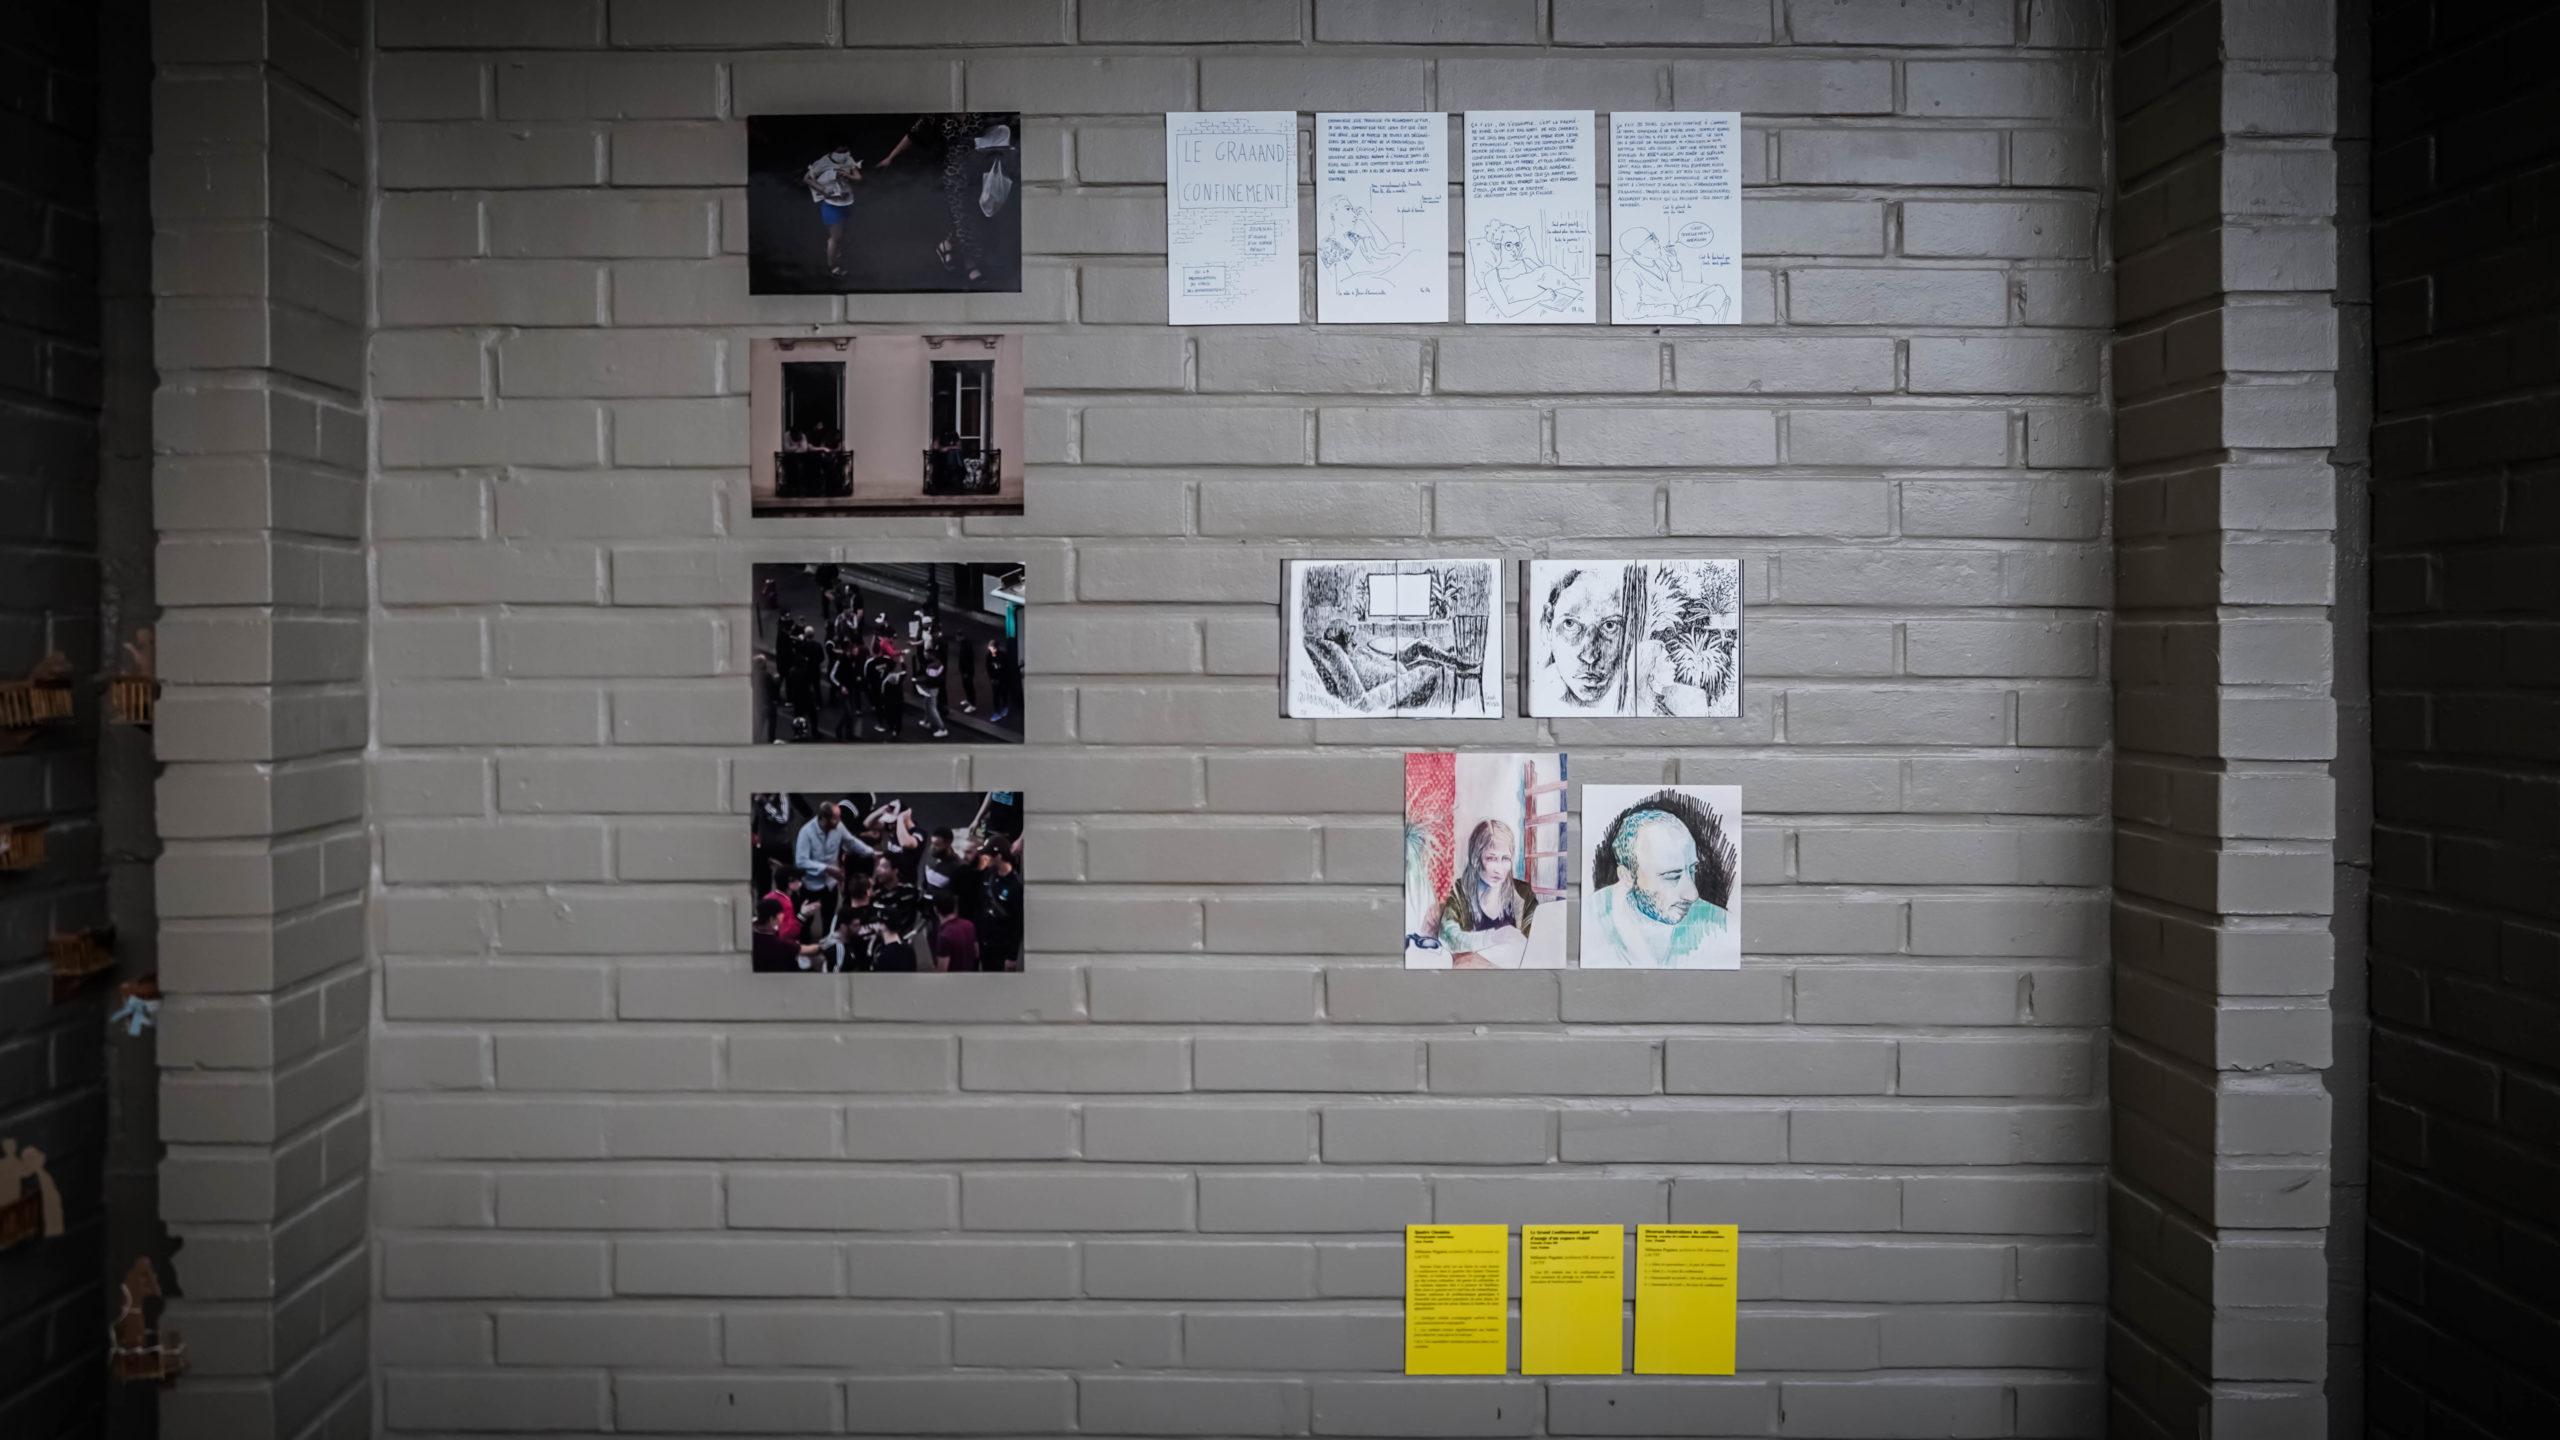 """""""Quatre Chemins"""" , """"Le Grand Confinement, journal d'usage d'un espace réduit"""" & """"Diverses illustrations de confinés"""" - Mélusine Pagnier - Exposition """"Souvenirs Déconfinés"""" ENSAPL"""